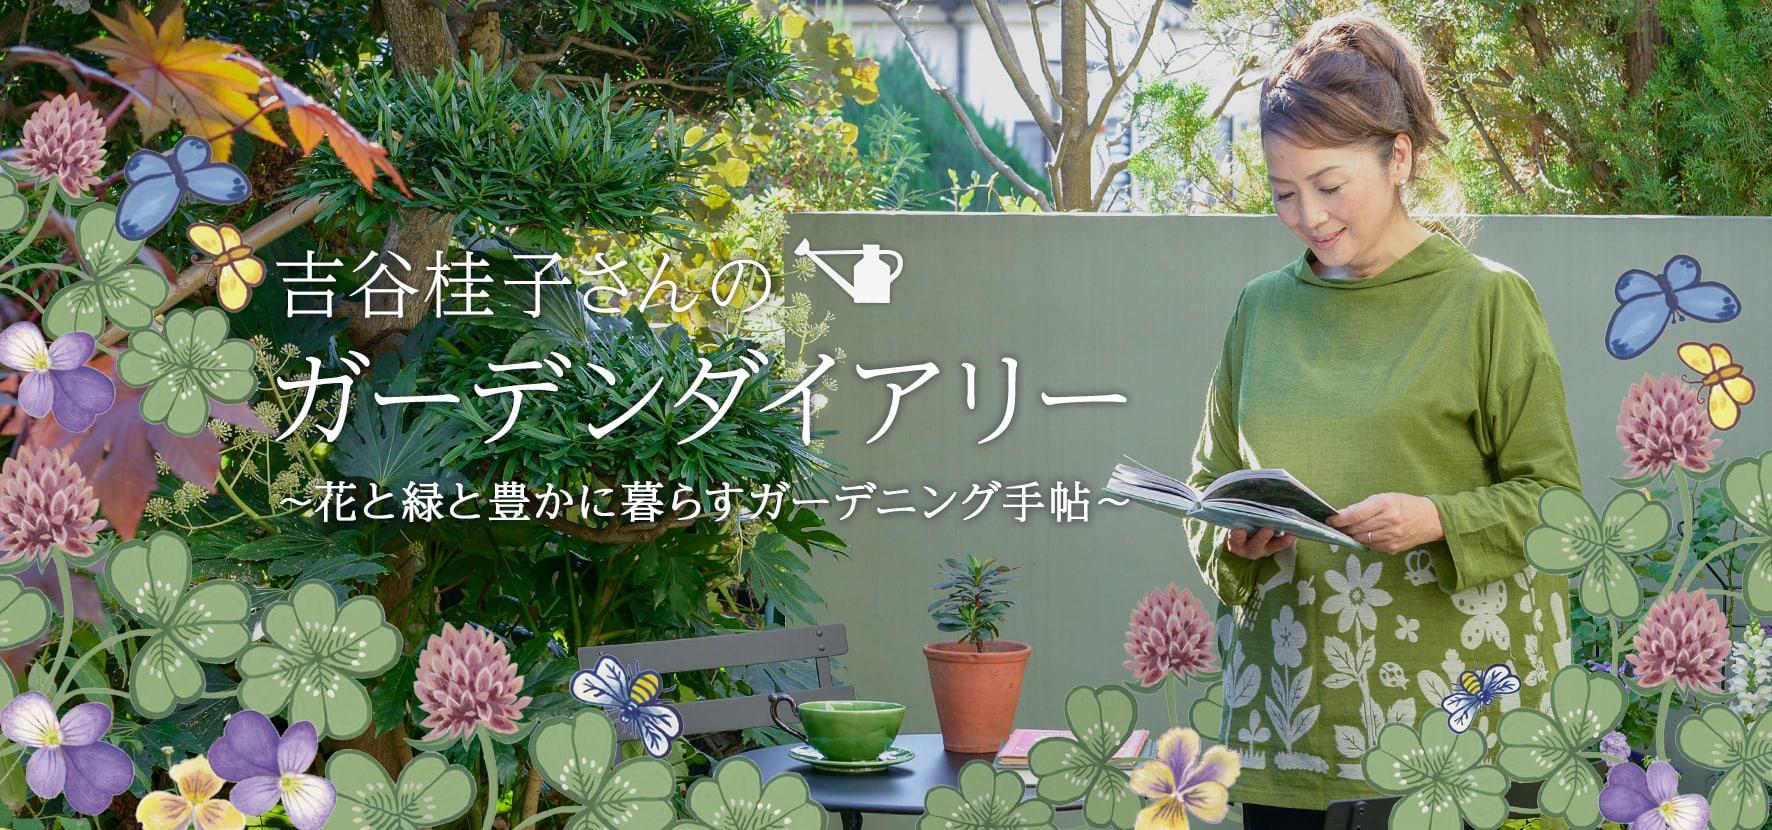 吉谷桂子さんのイギリスツアーの記事を見る